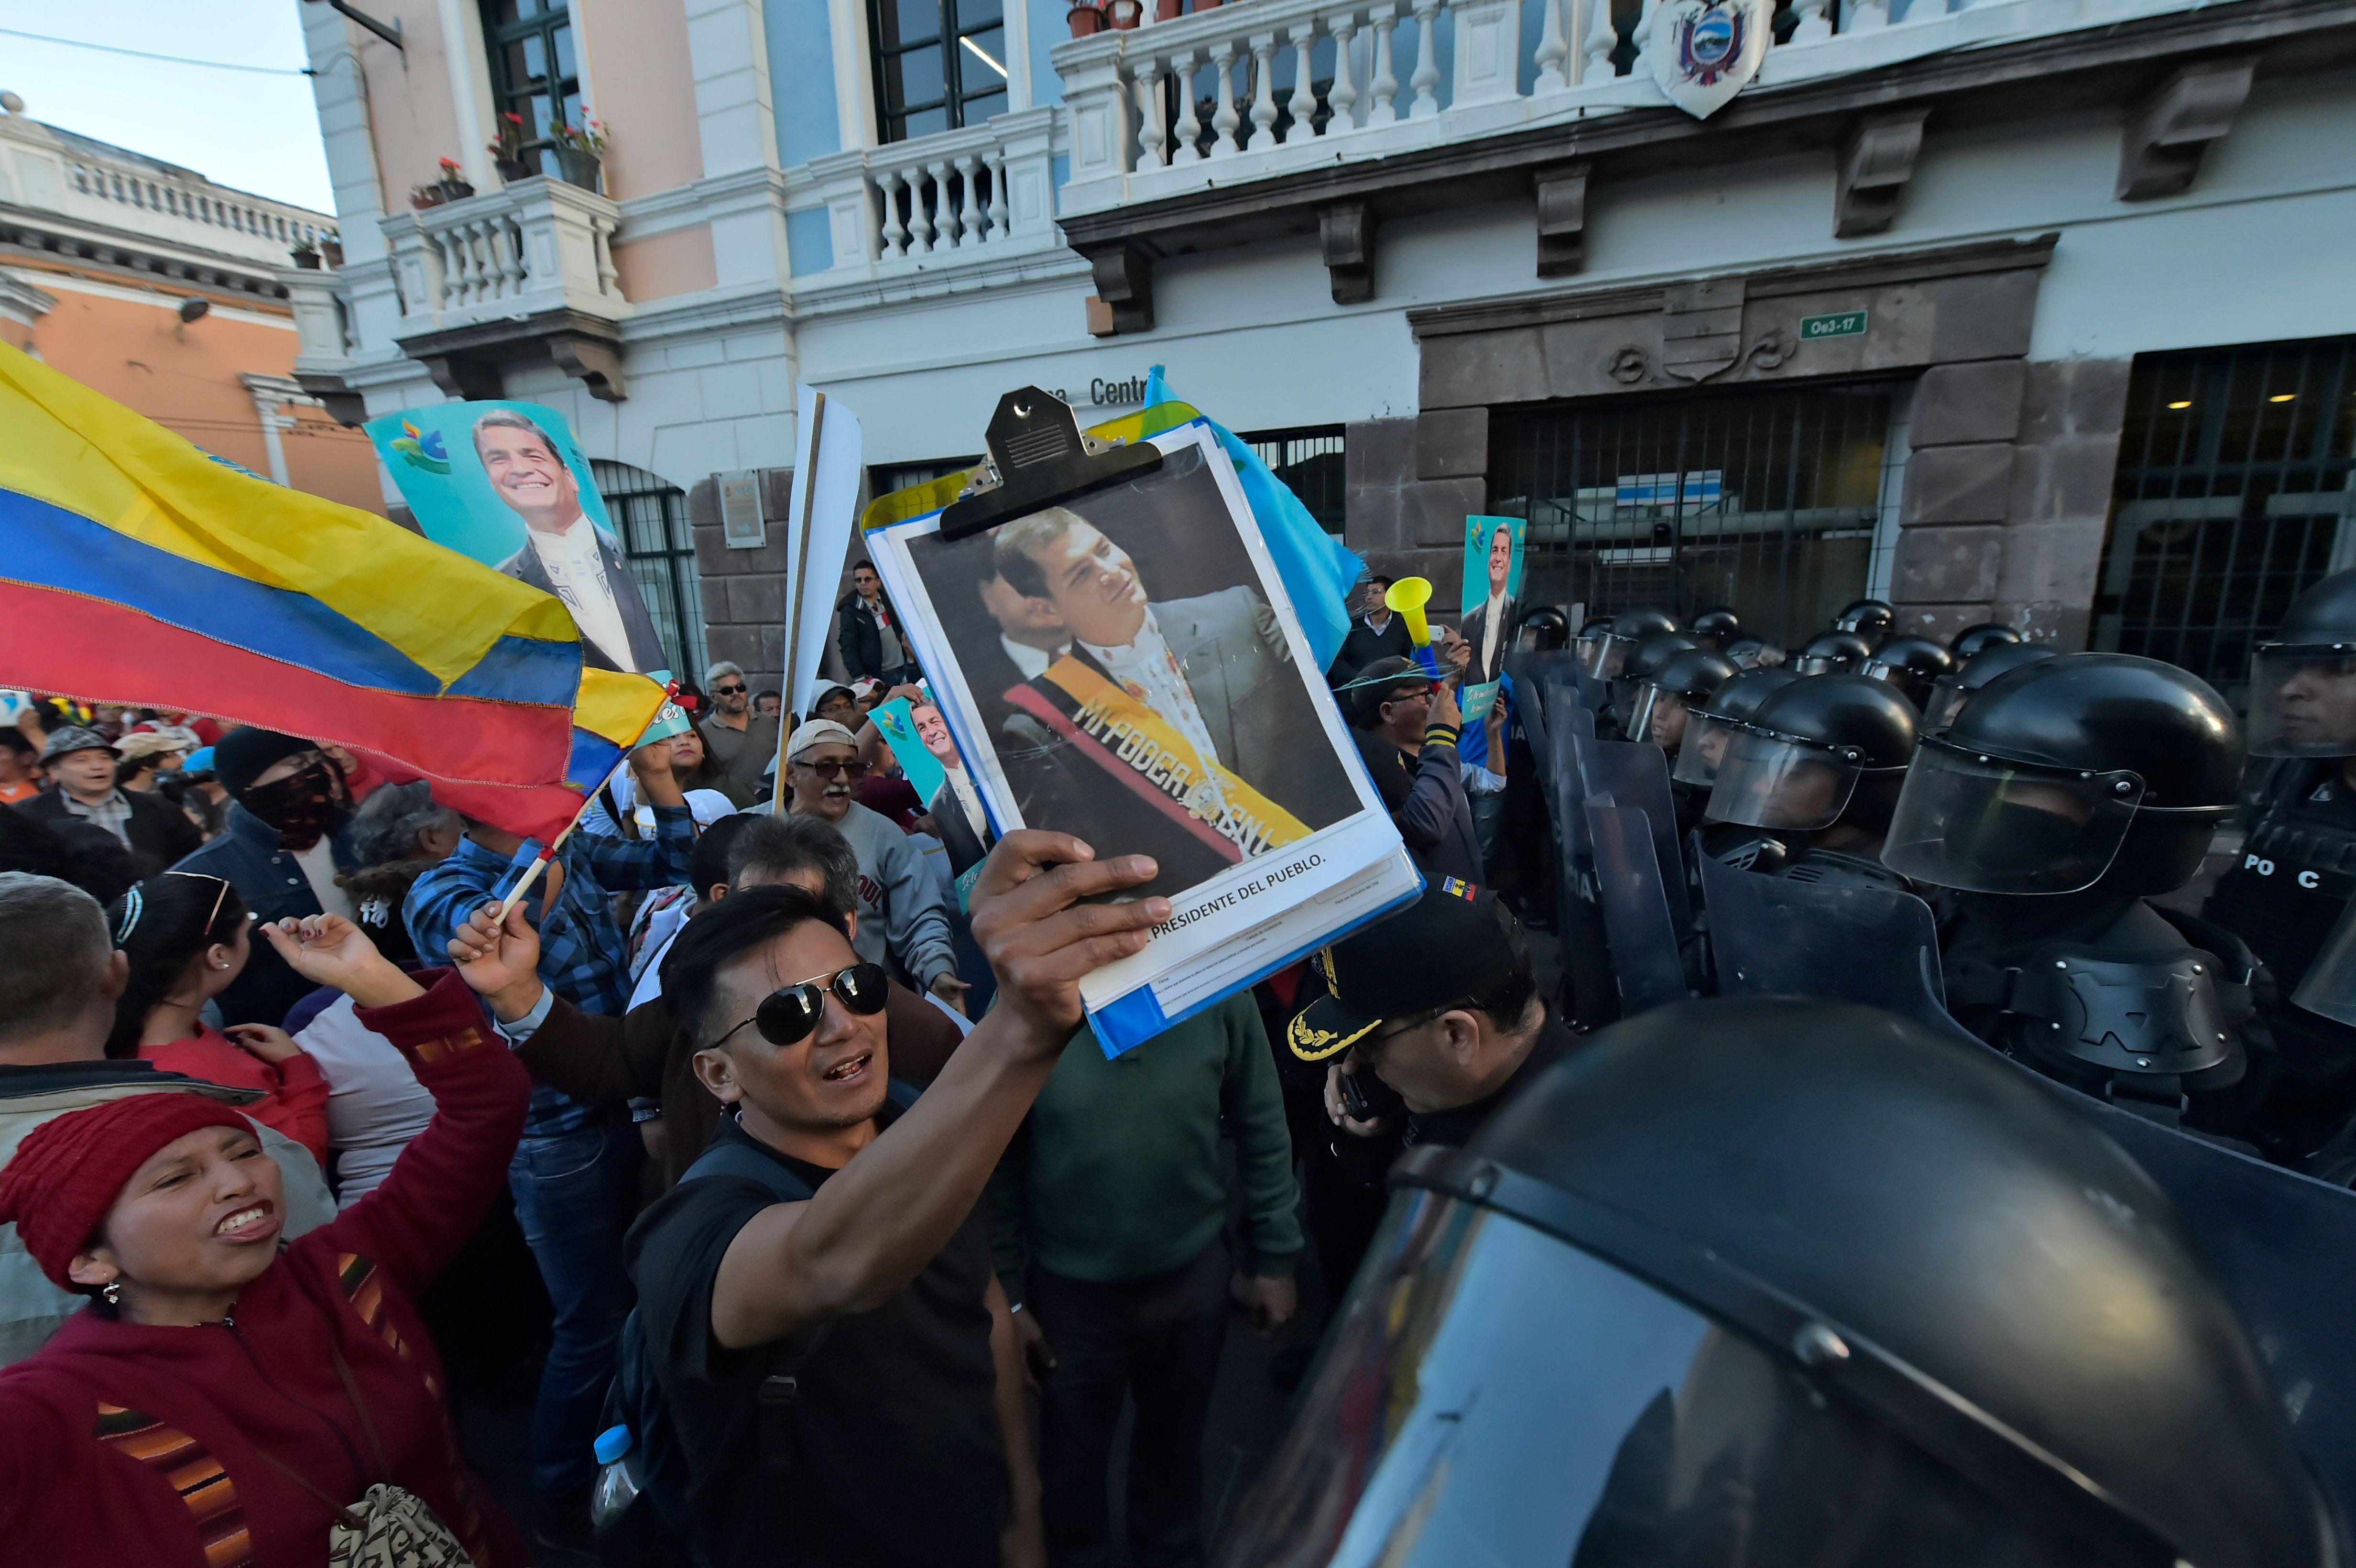 متظاهر يحمل صورة  رافايل كوريا